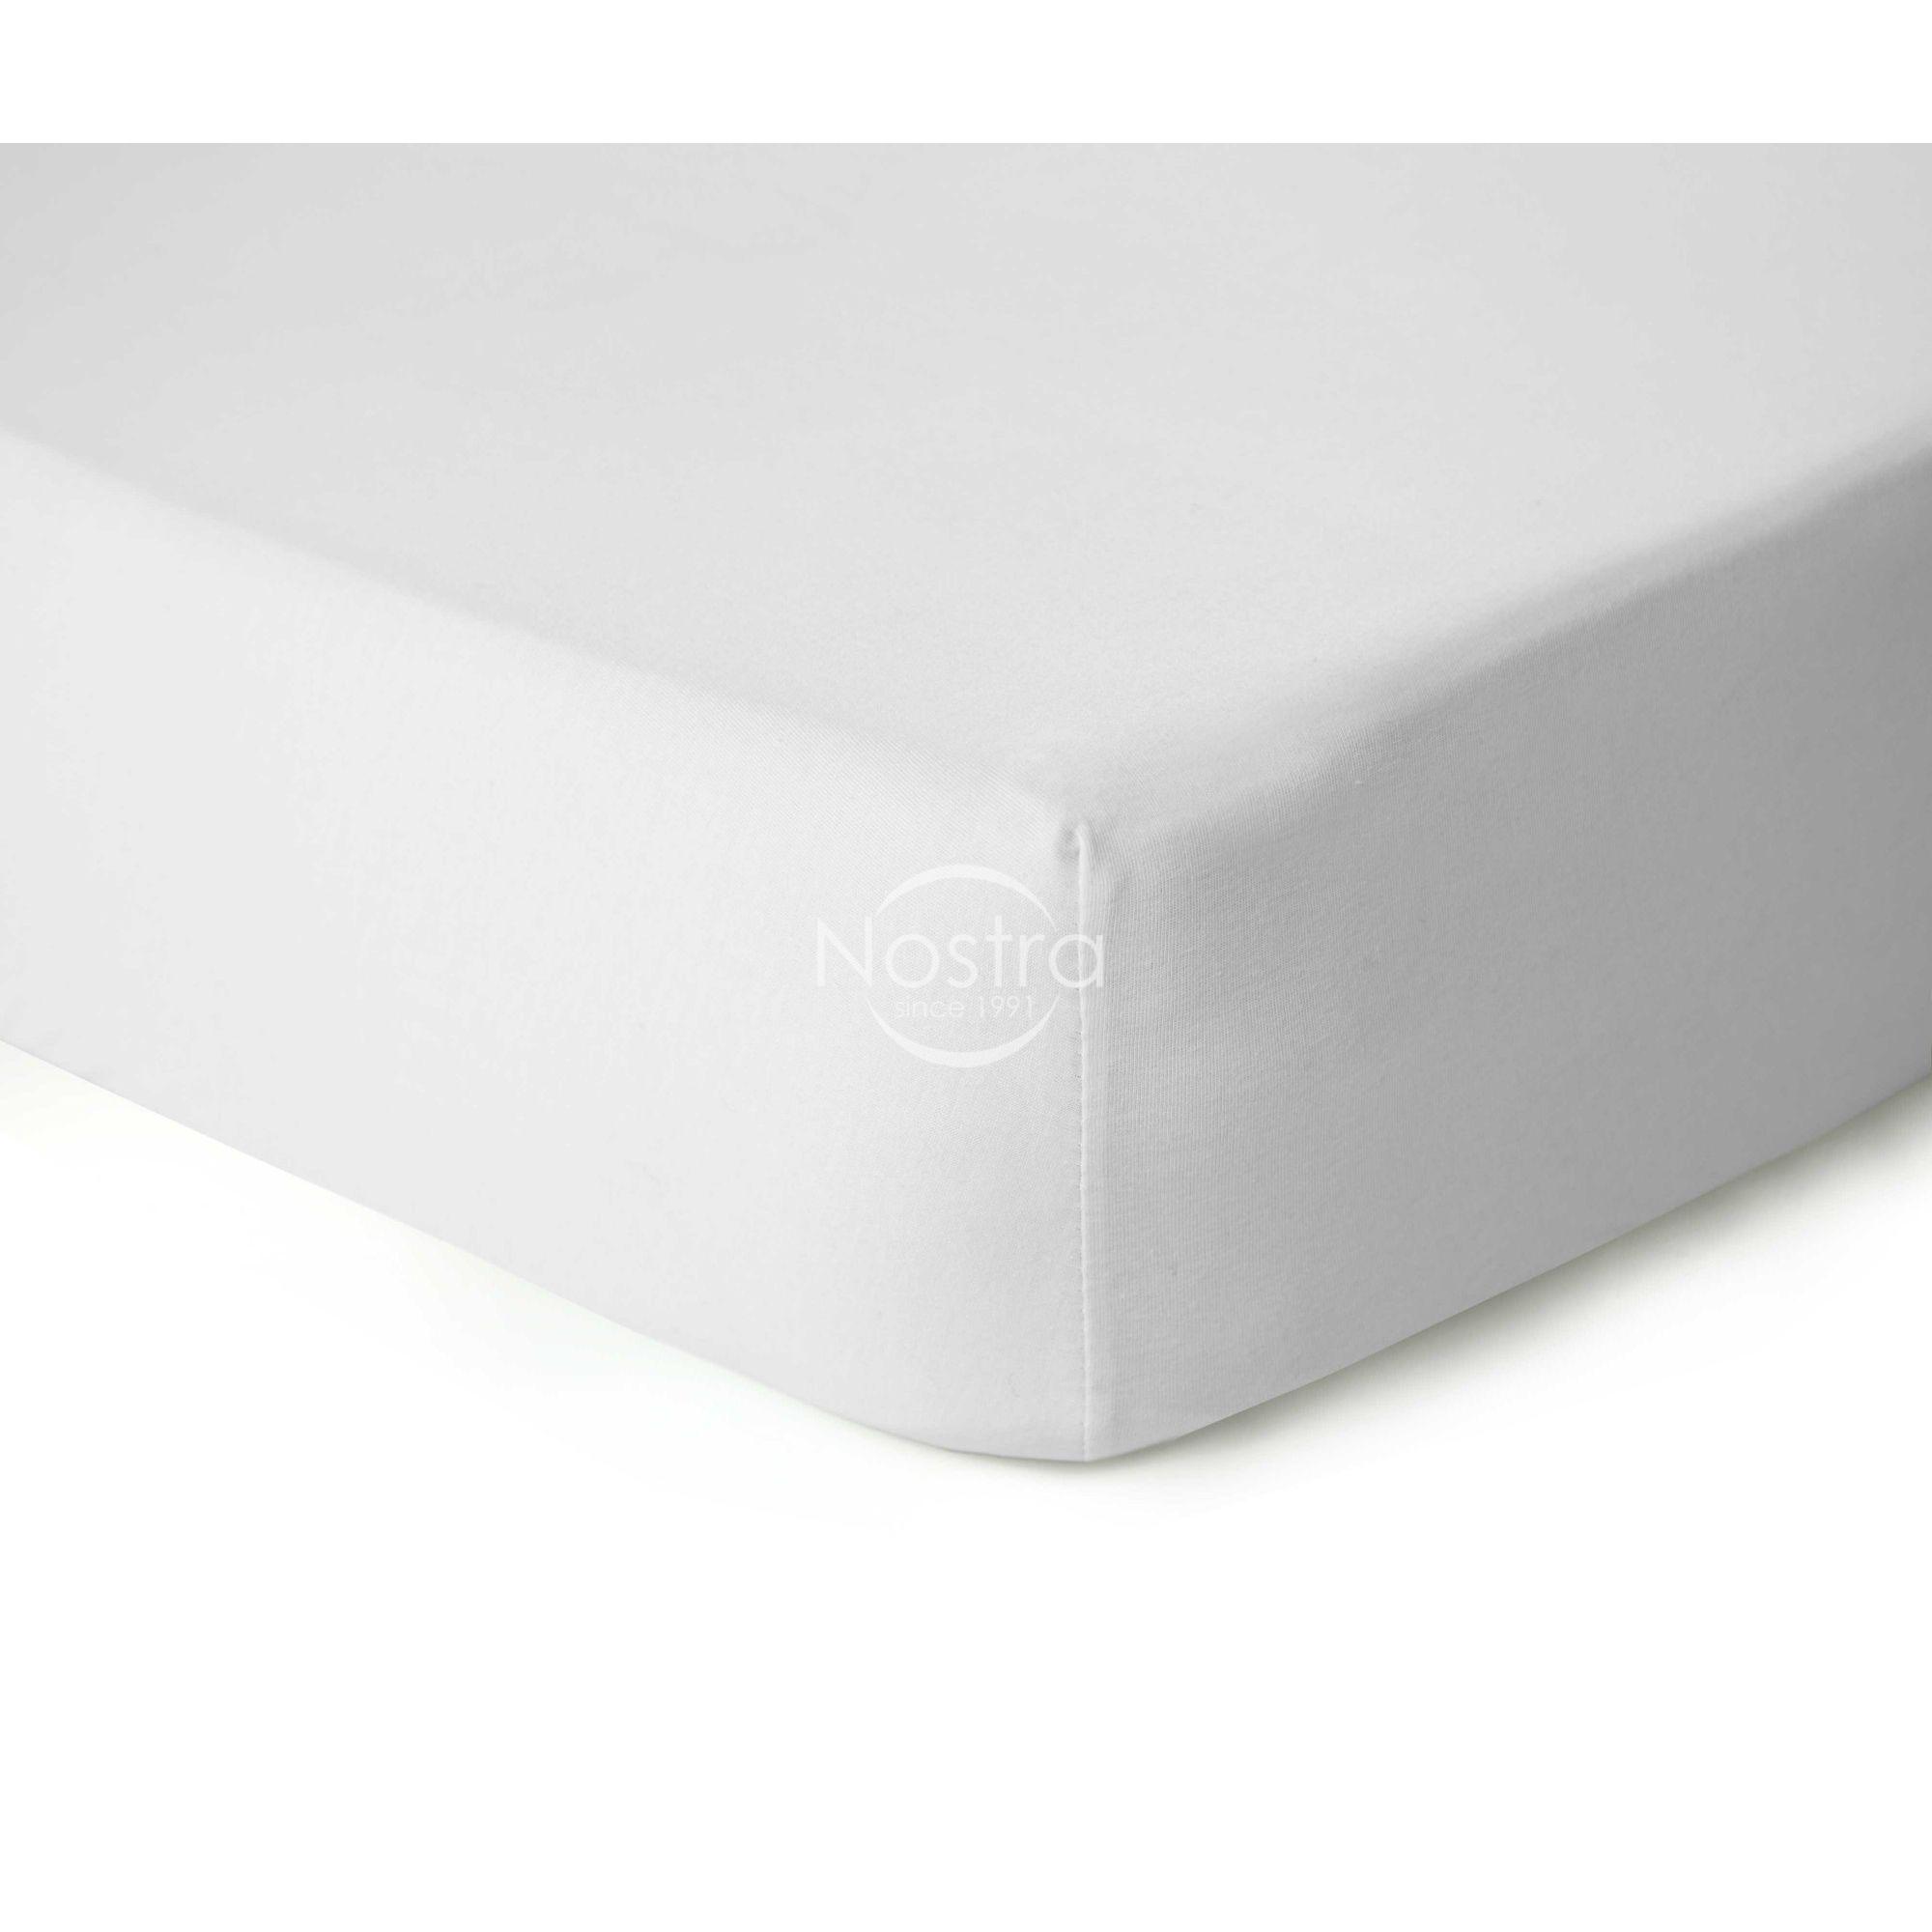 Trikotažinės paklodės su guma JERSEYBTL-OPTIC WHITE